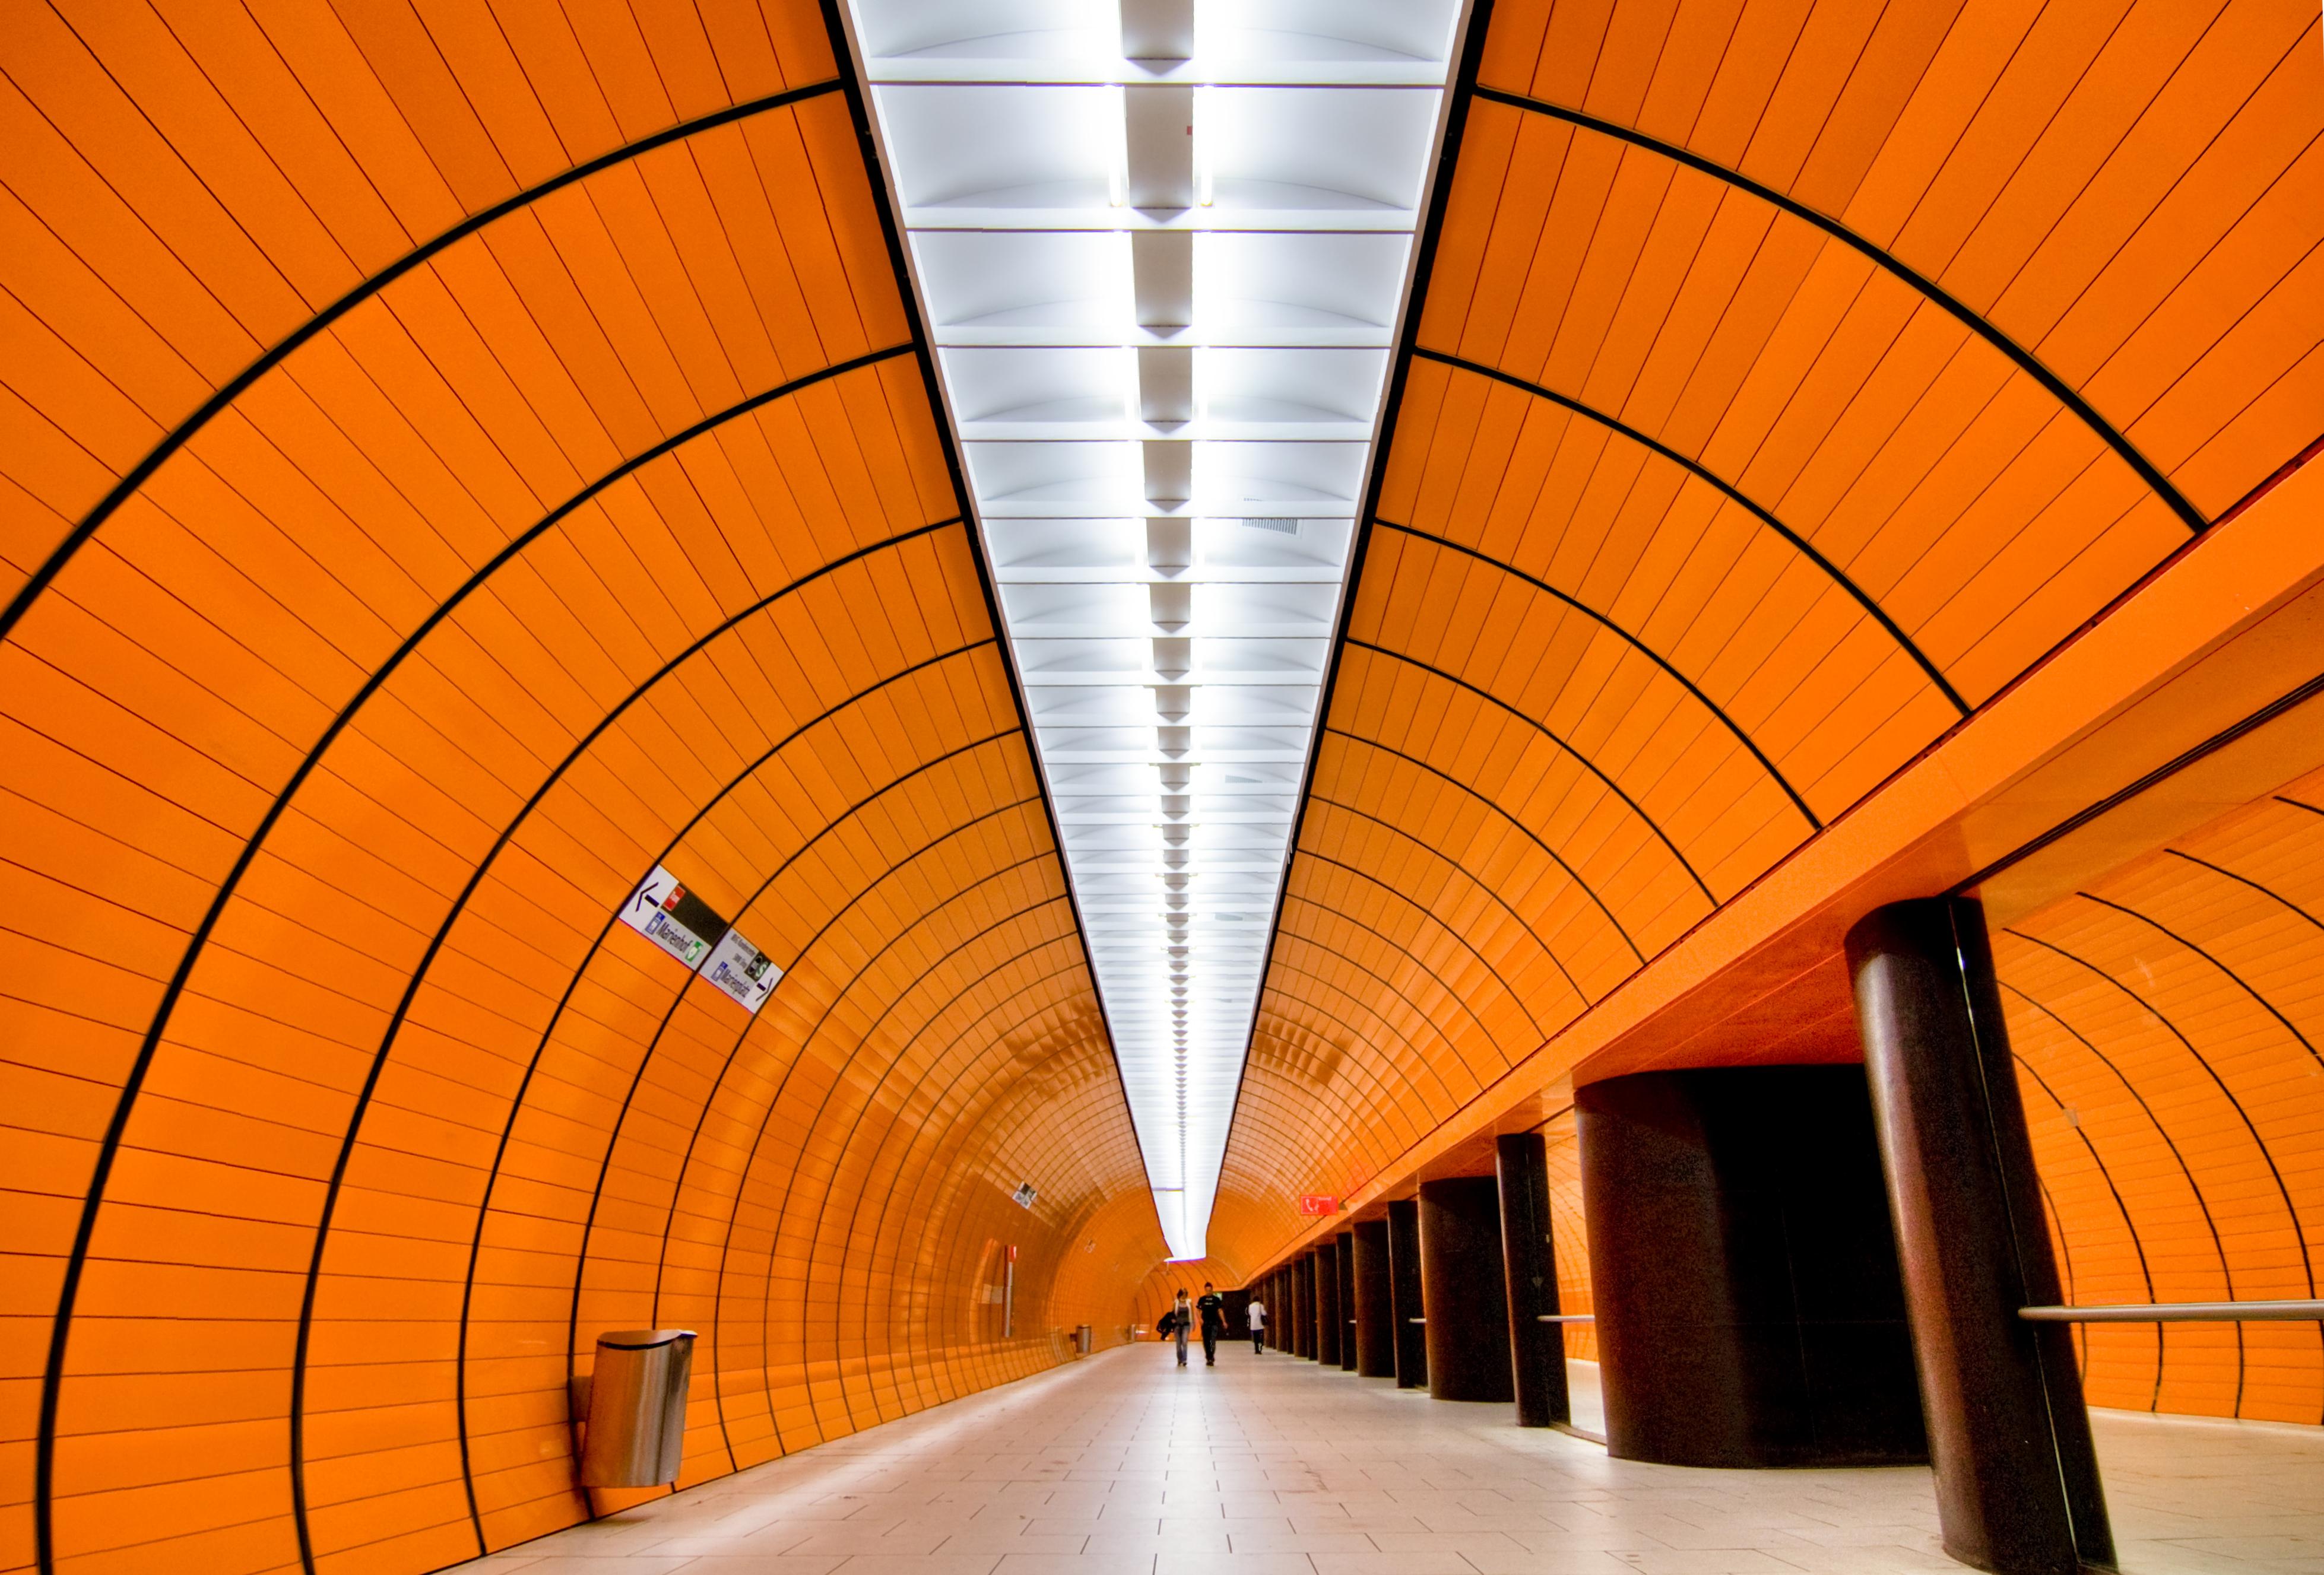 Samye-krasivye-stantsii-metro 37